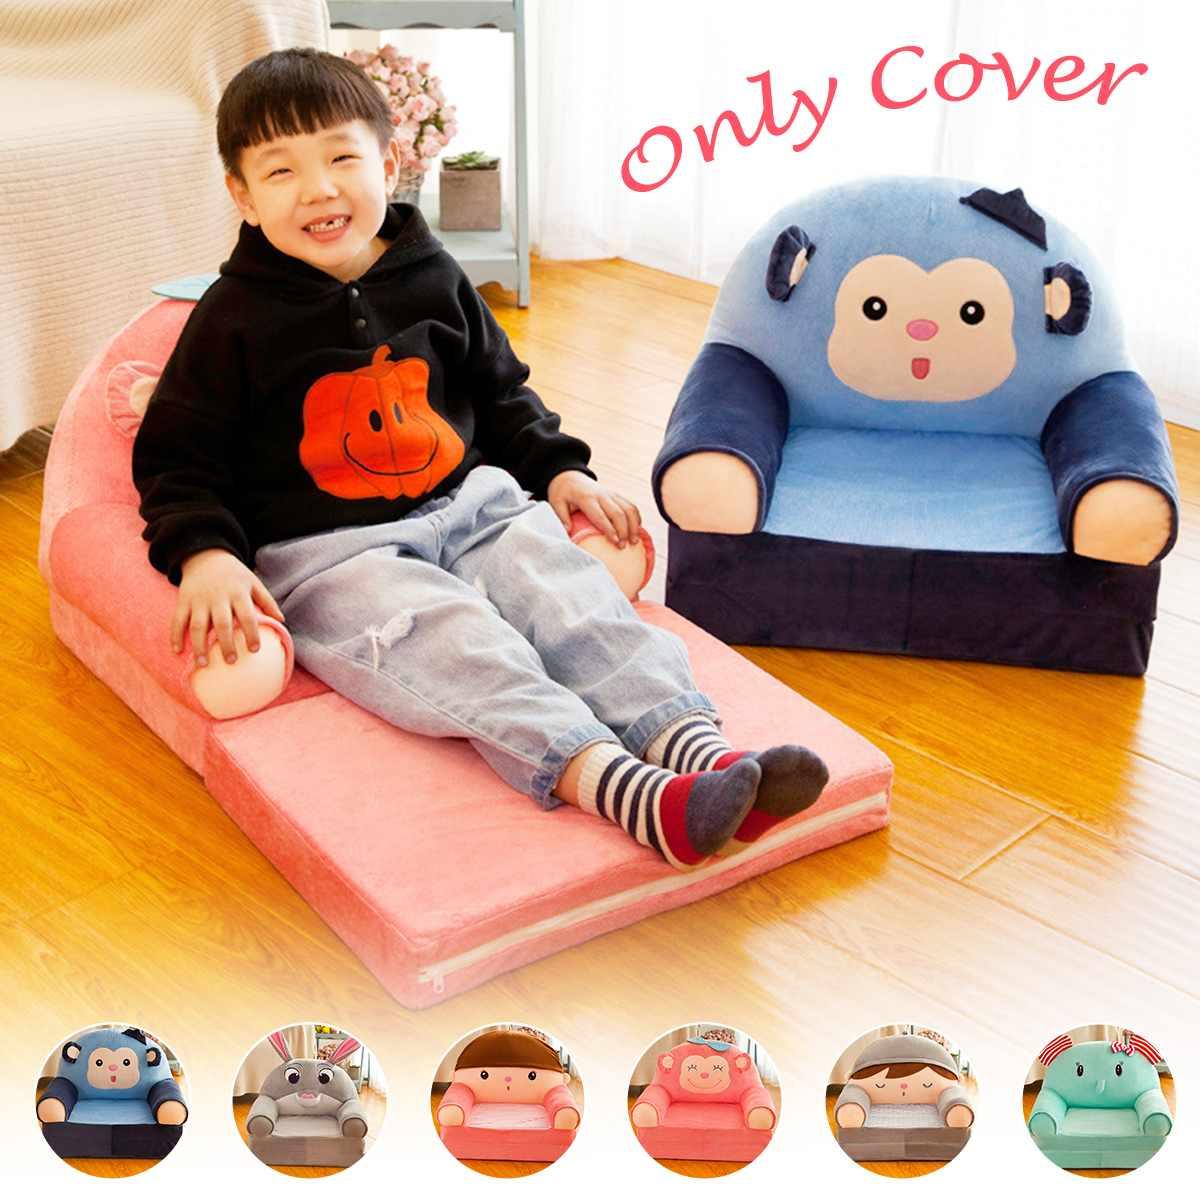 Bebê crianças sofá sem enchimento dos desenhos animados animal assento dobrável reclinável cadeira de crianças puro puff pele da criança crianças sofá capa apenas